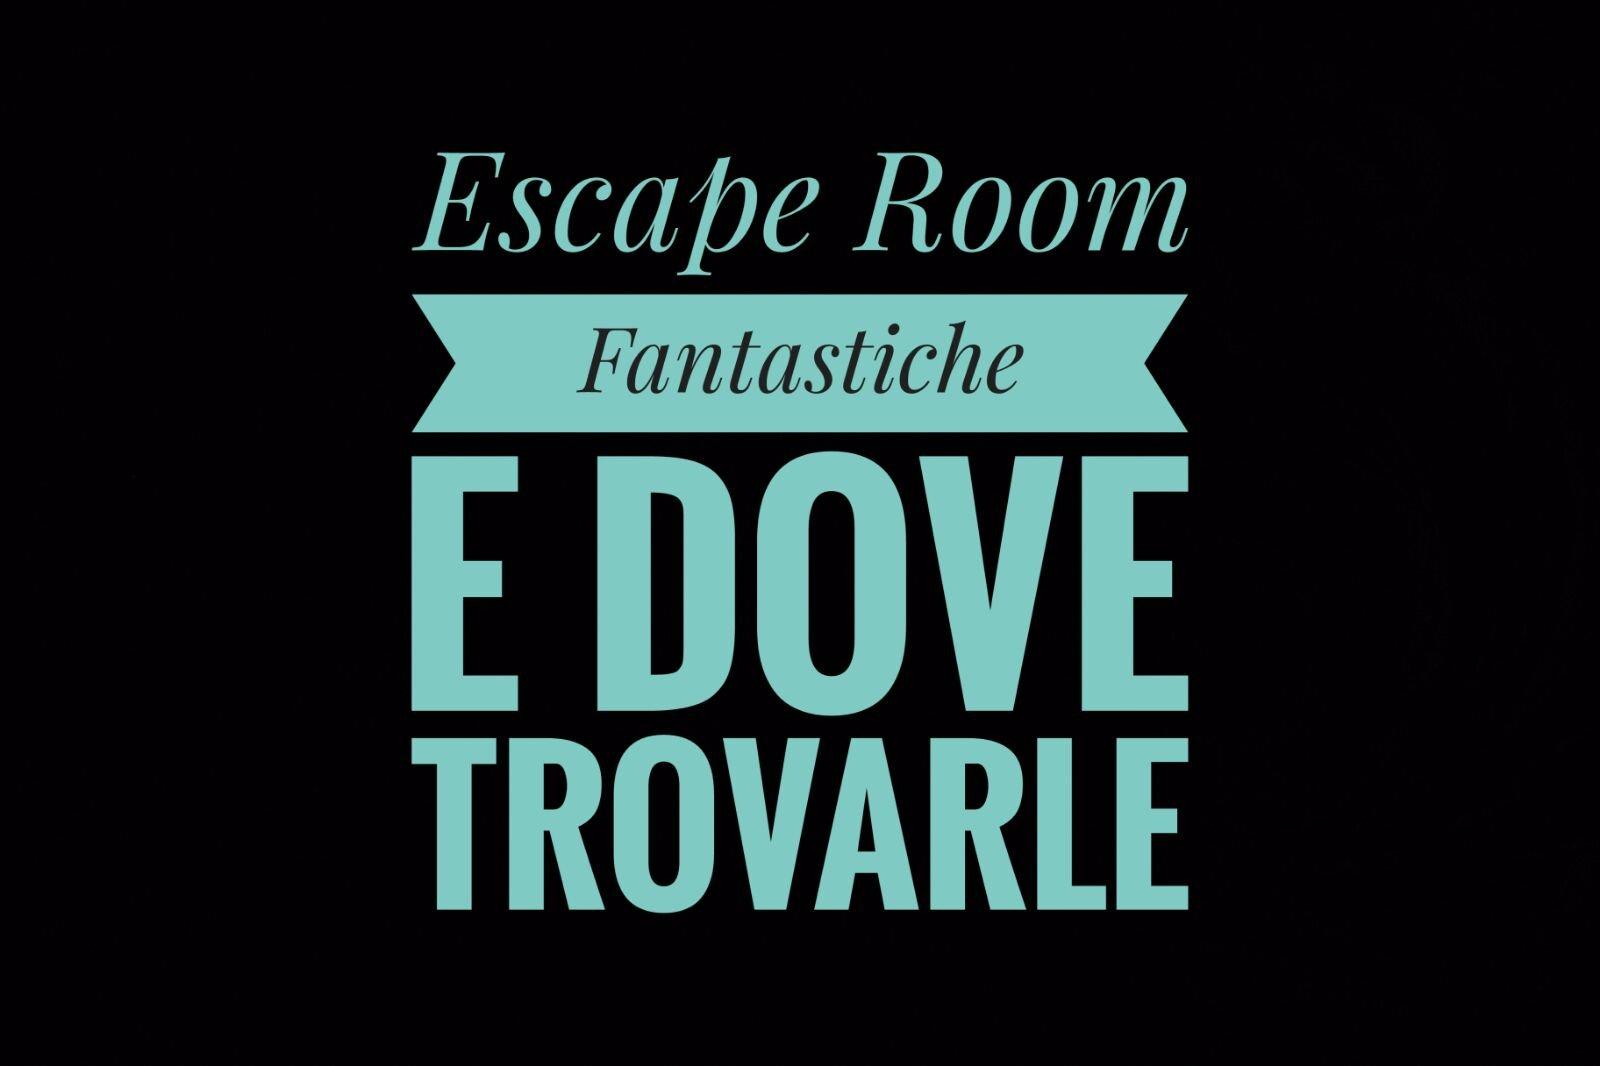 Escape Room Fantastiche e Dove Trovarle